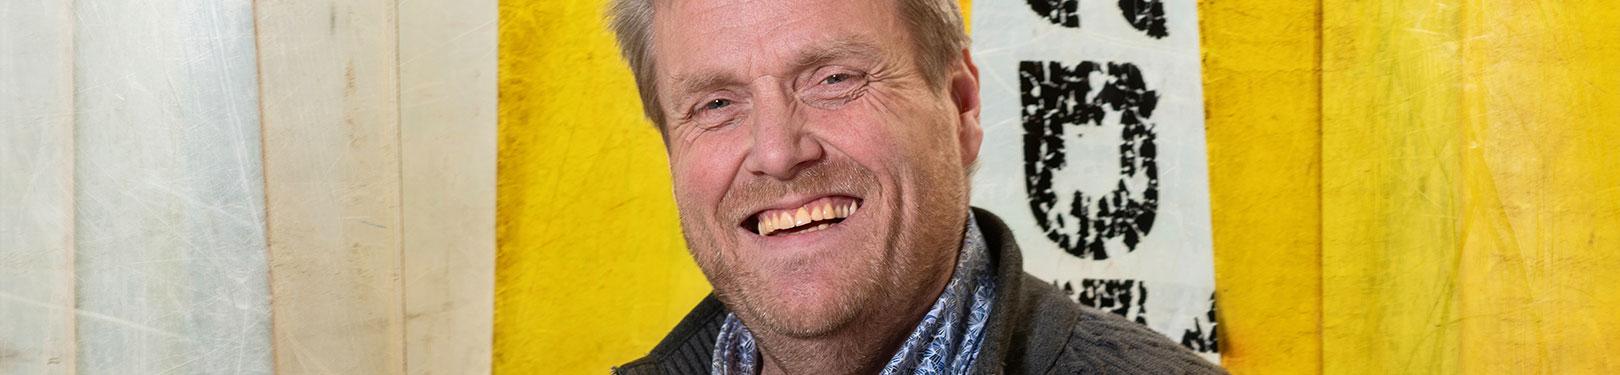 Ed van der Pijl